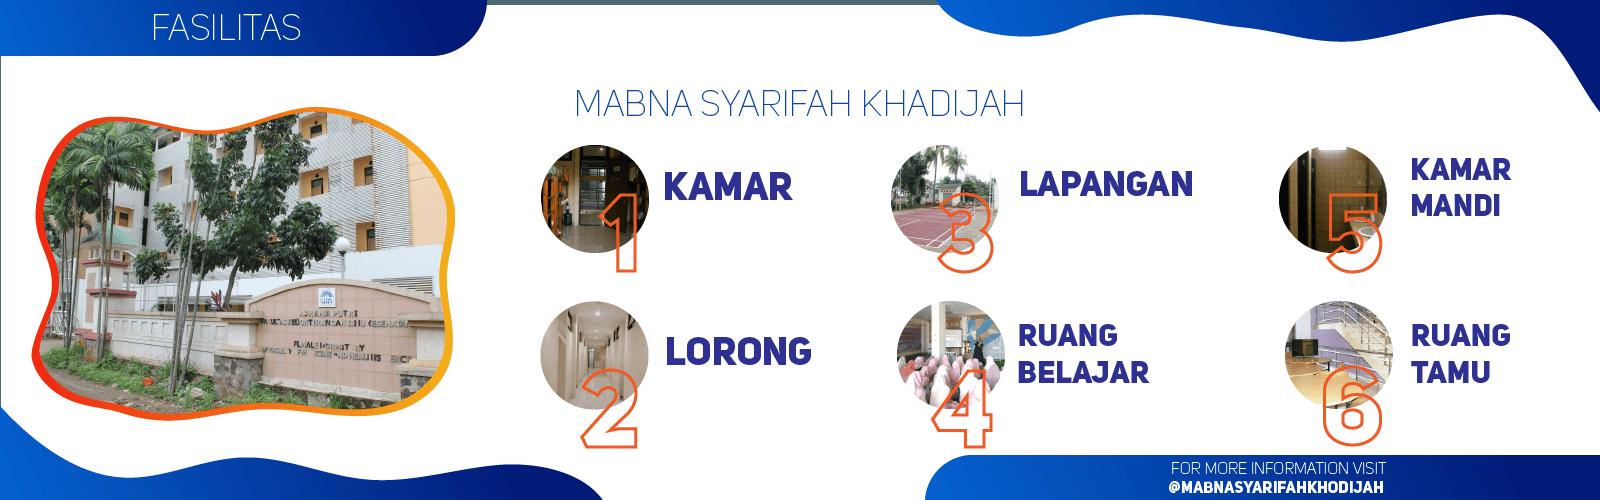 Mabna Syarifah Khadijah